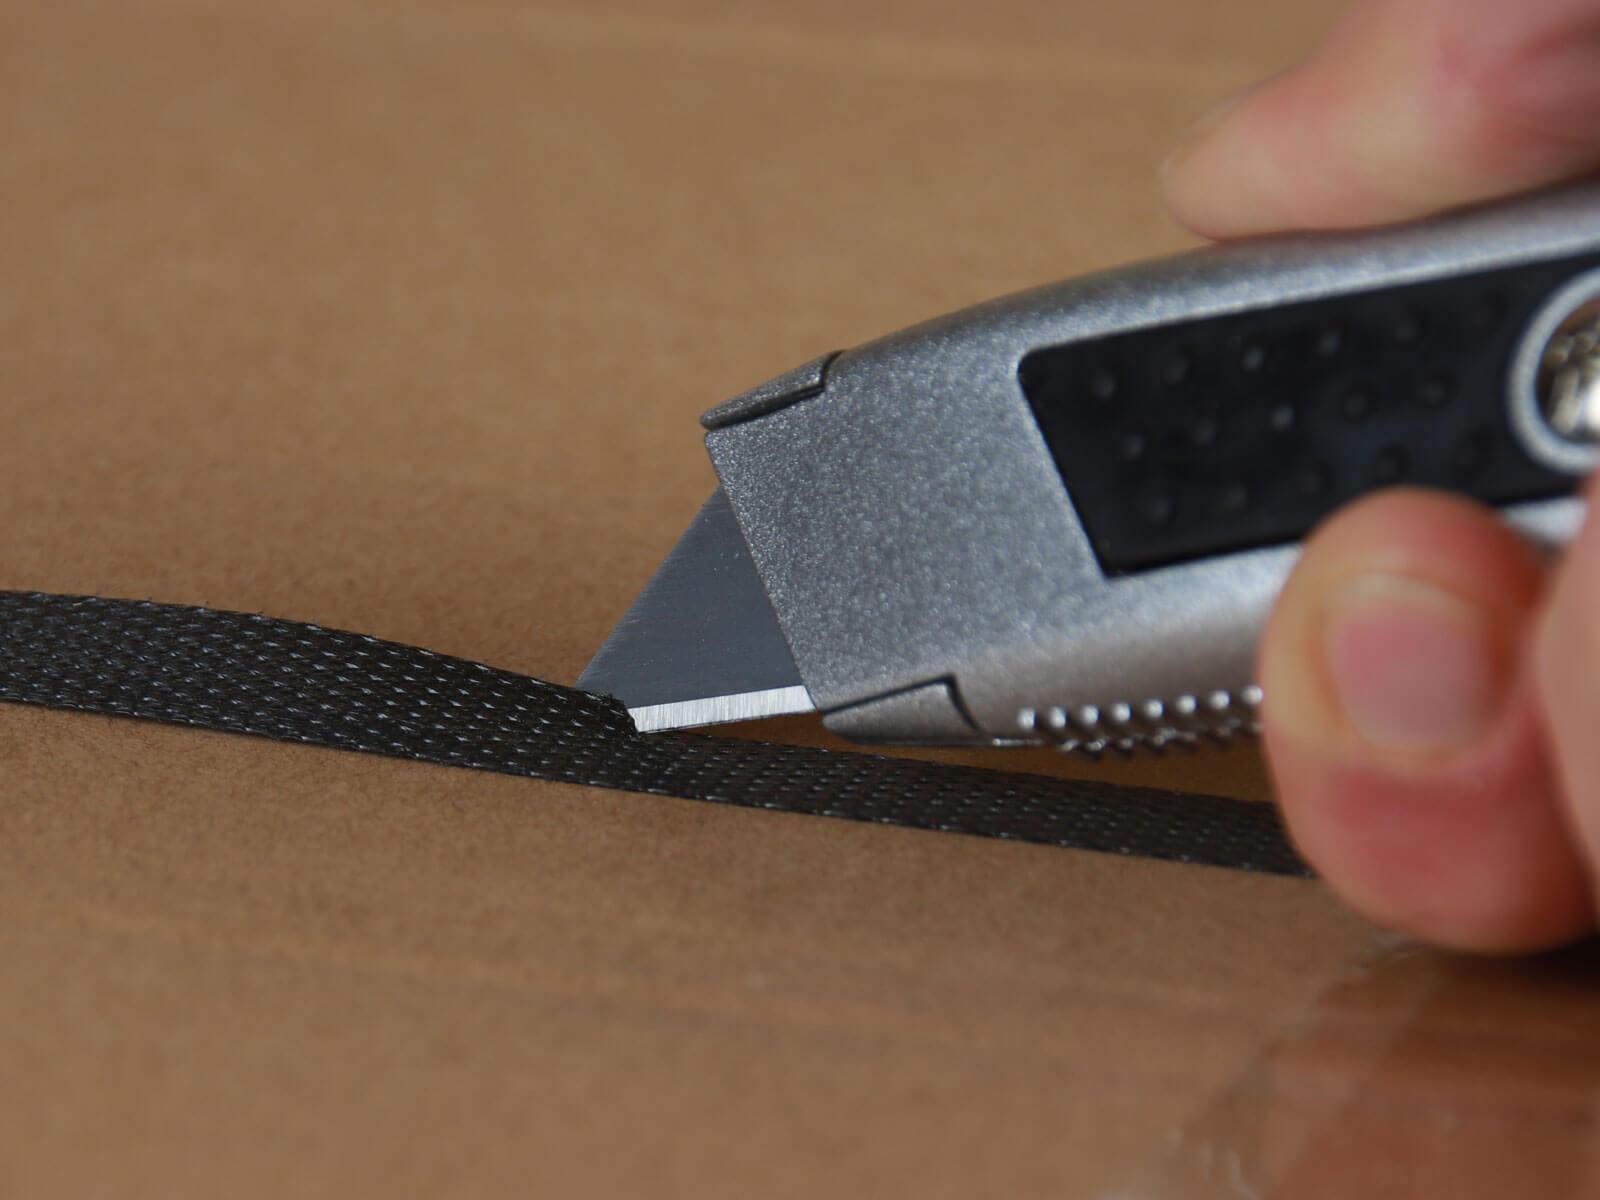 U014 Sicherheitsmesser automatischer Klingenrückzug Umreifungsband schneiden CURT-tools